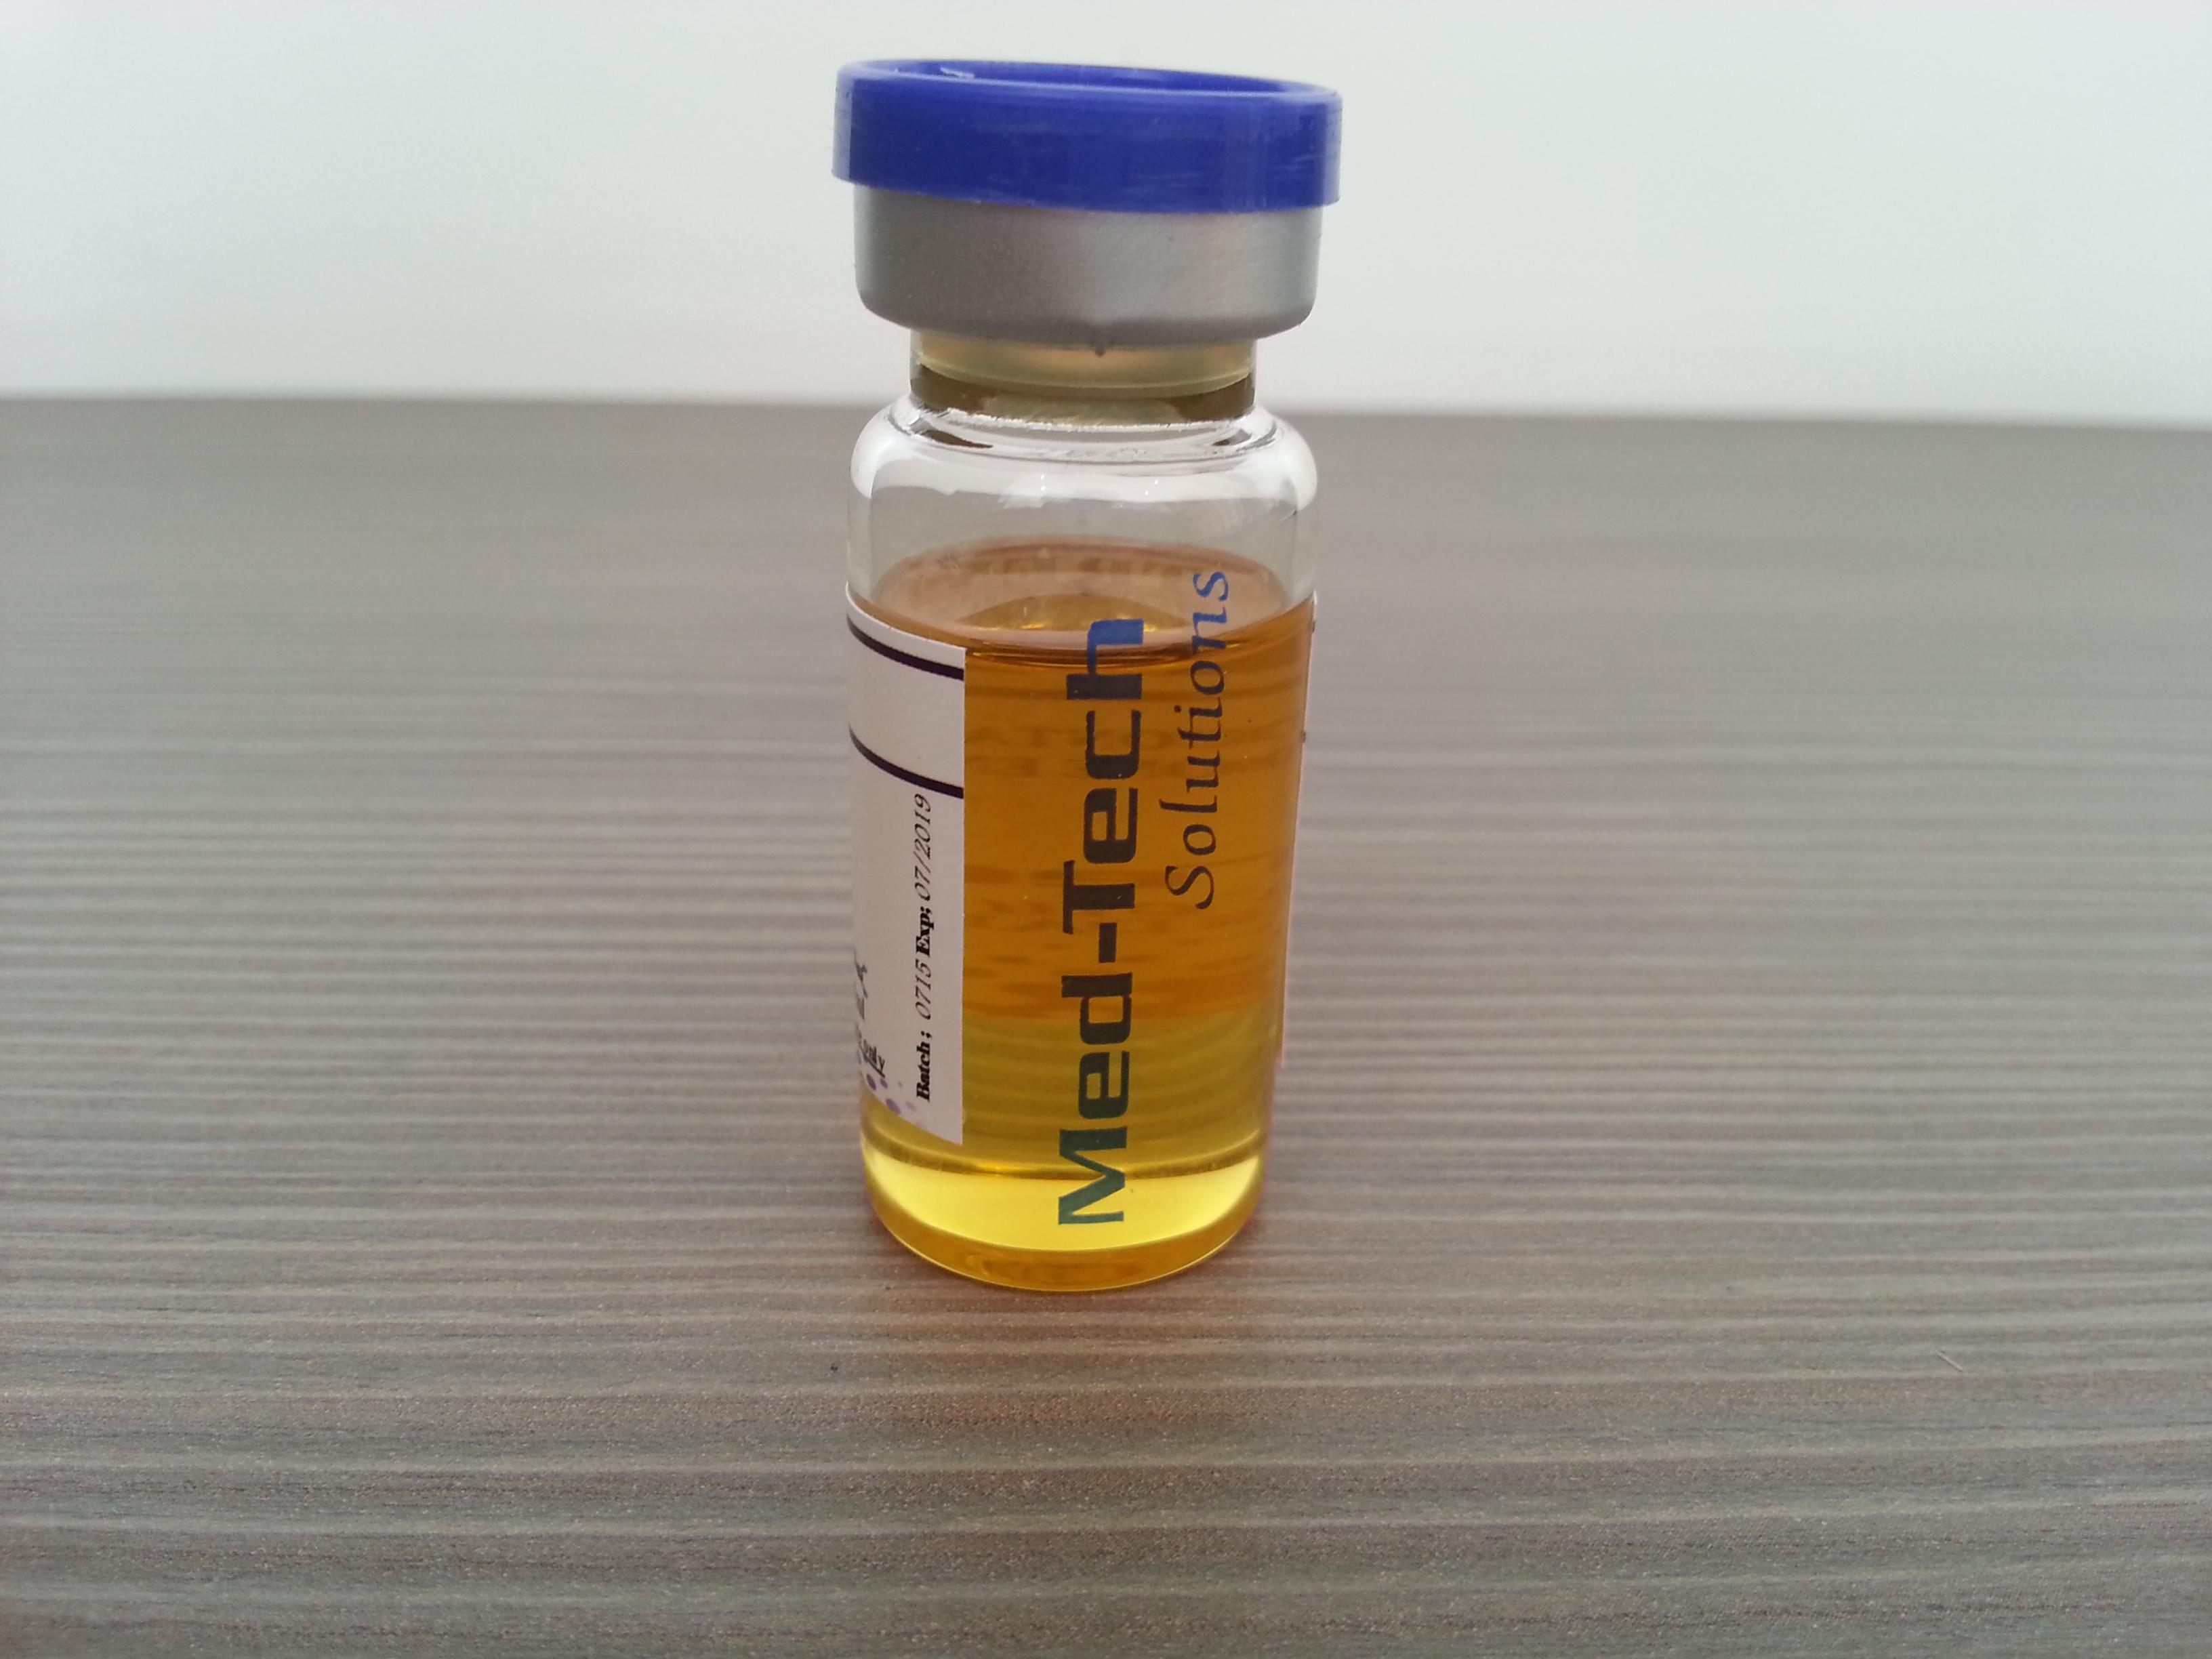 200 mg trenbolone per week